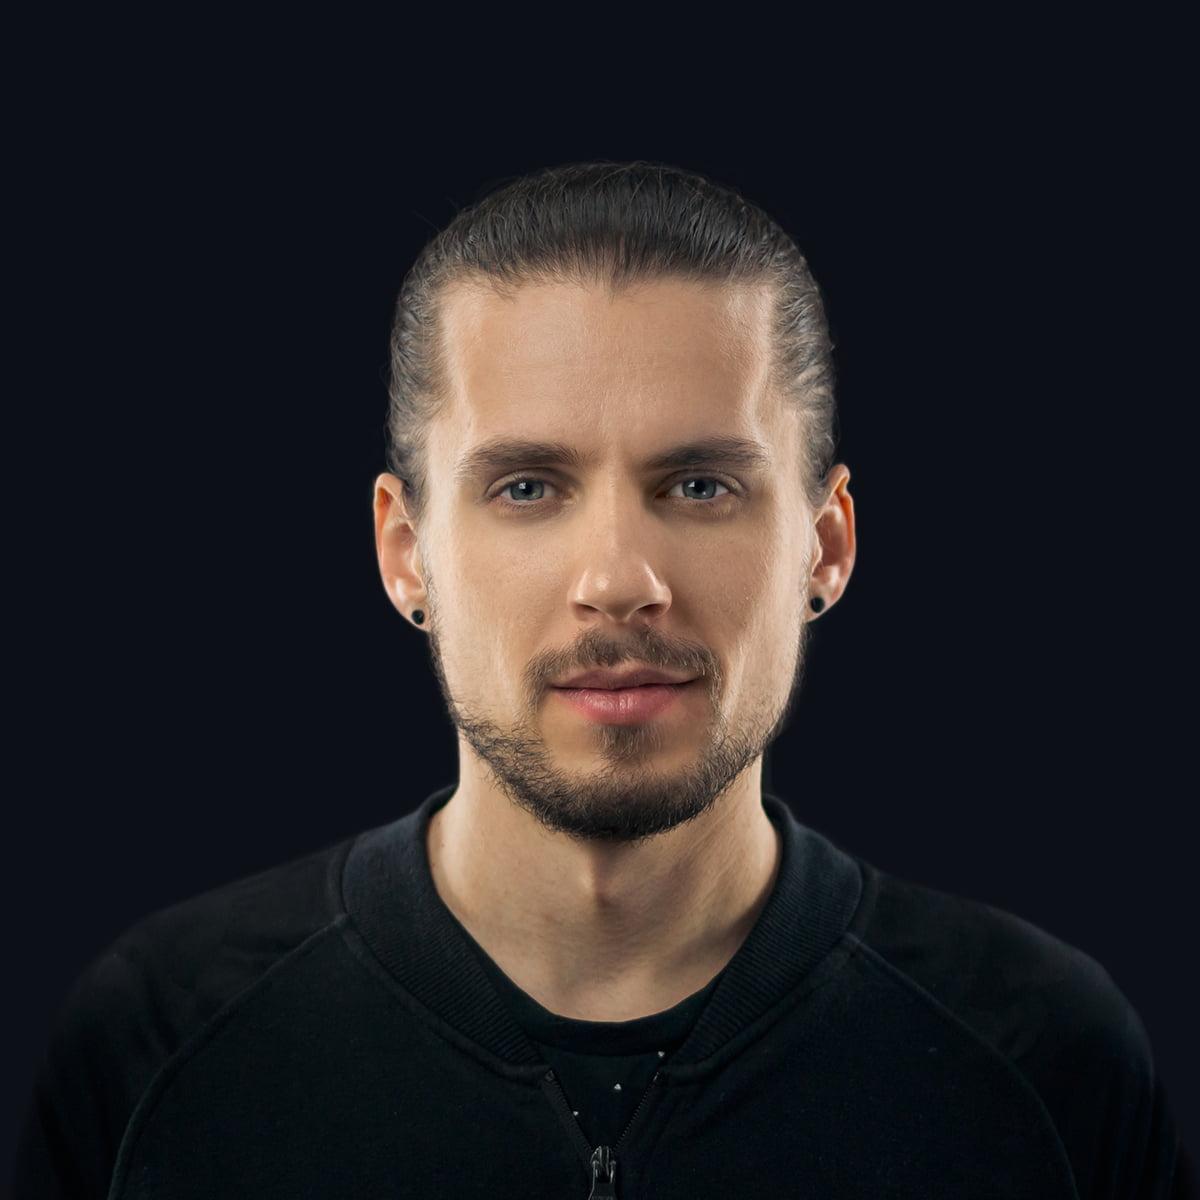 Tomasz Soin